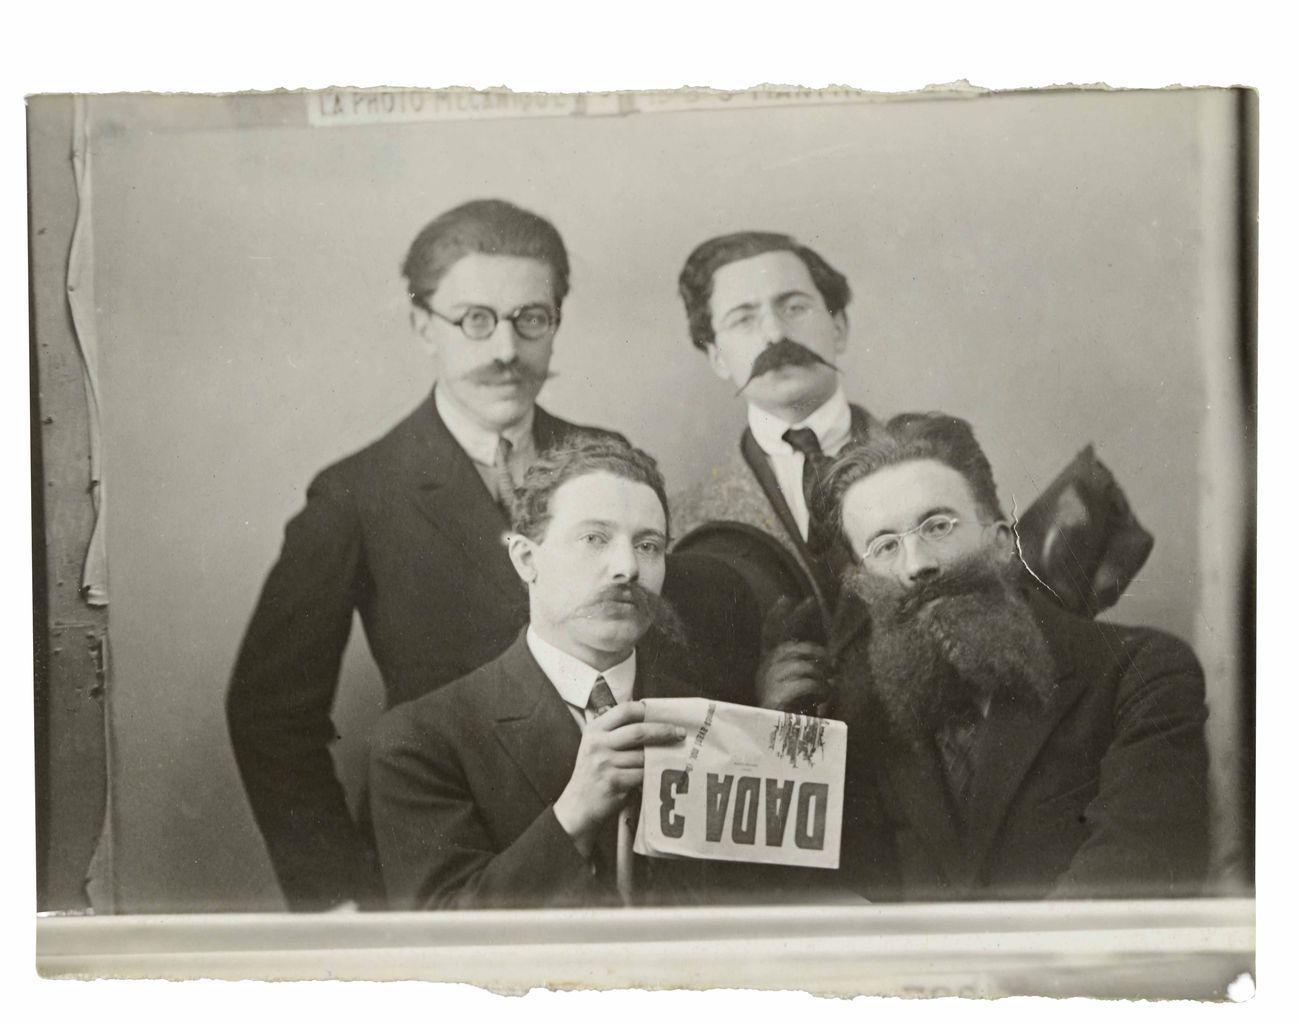 André Breton, René Hilsum, Louis Aragon, Paul Eluard con DADA #3, gennaio 1919 © Paris, Bibliothèque littéraire Jacques Doucet. Cliché Suzanne Nagy